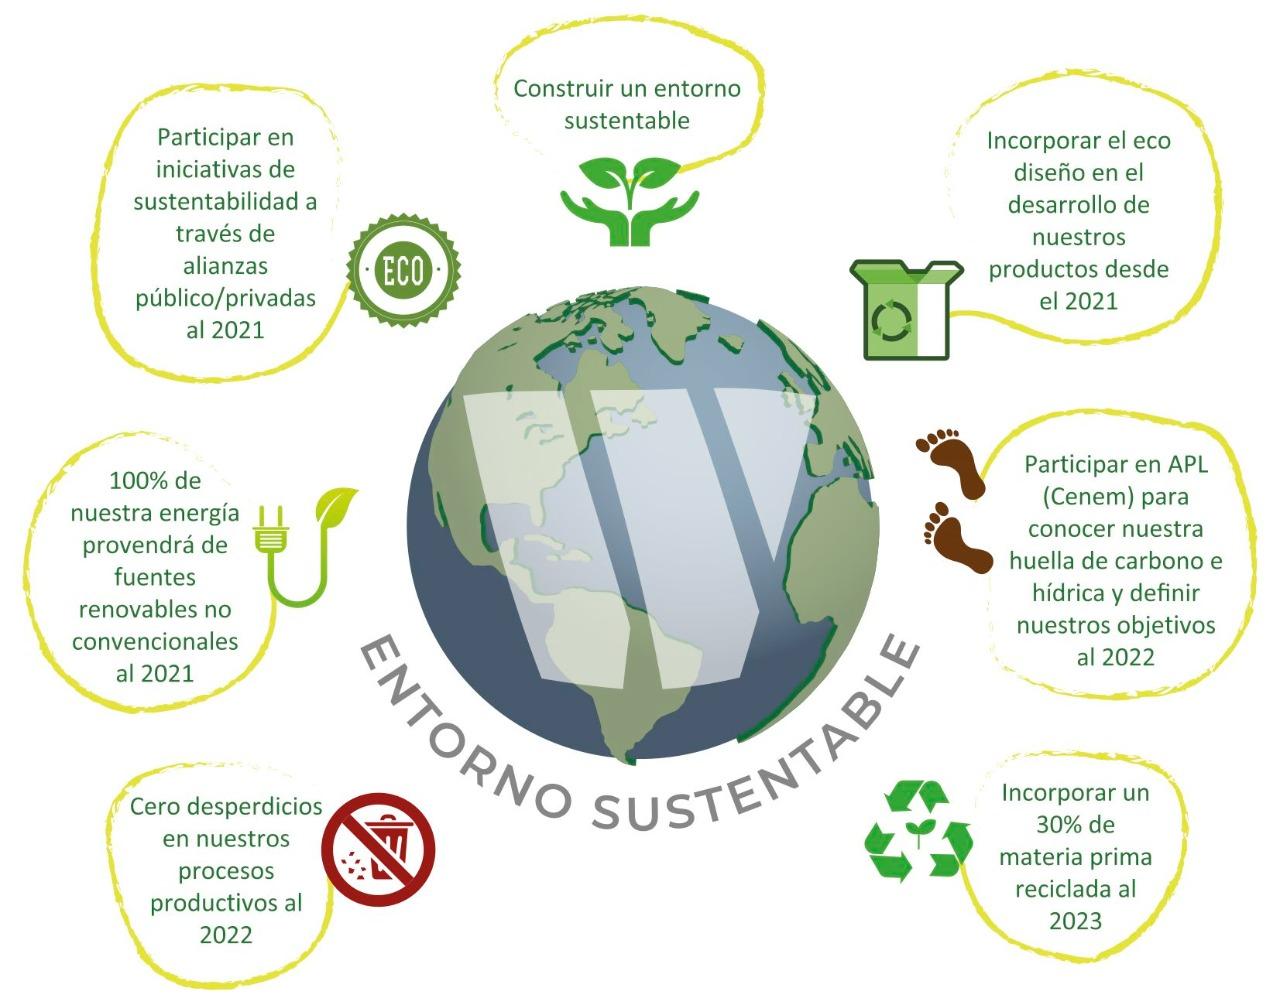 Entorno-Sustentable